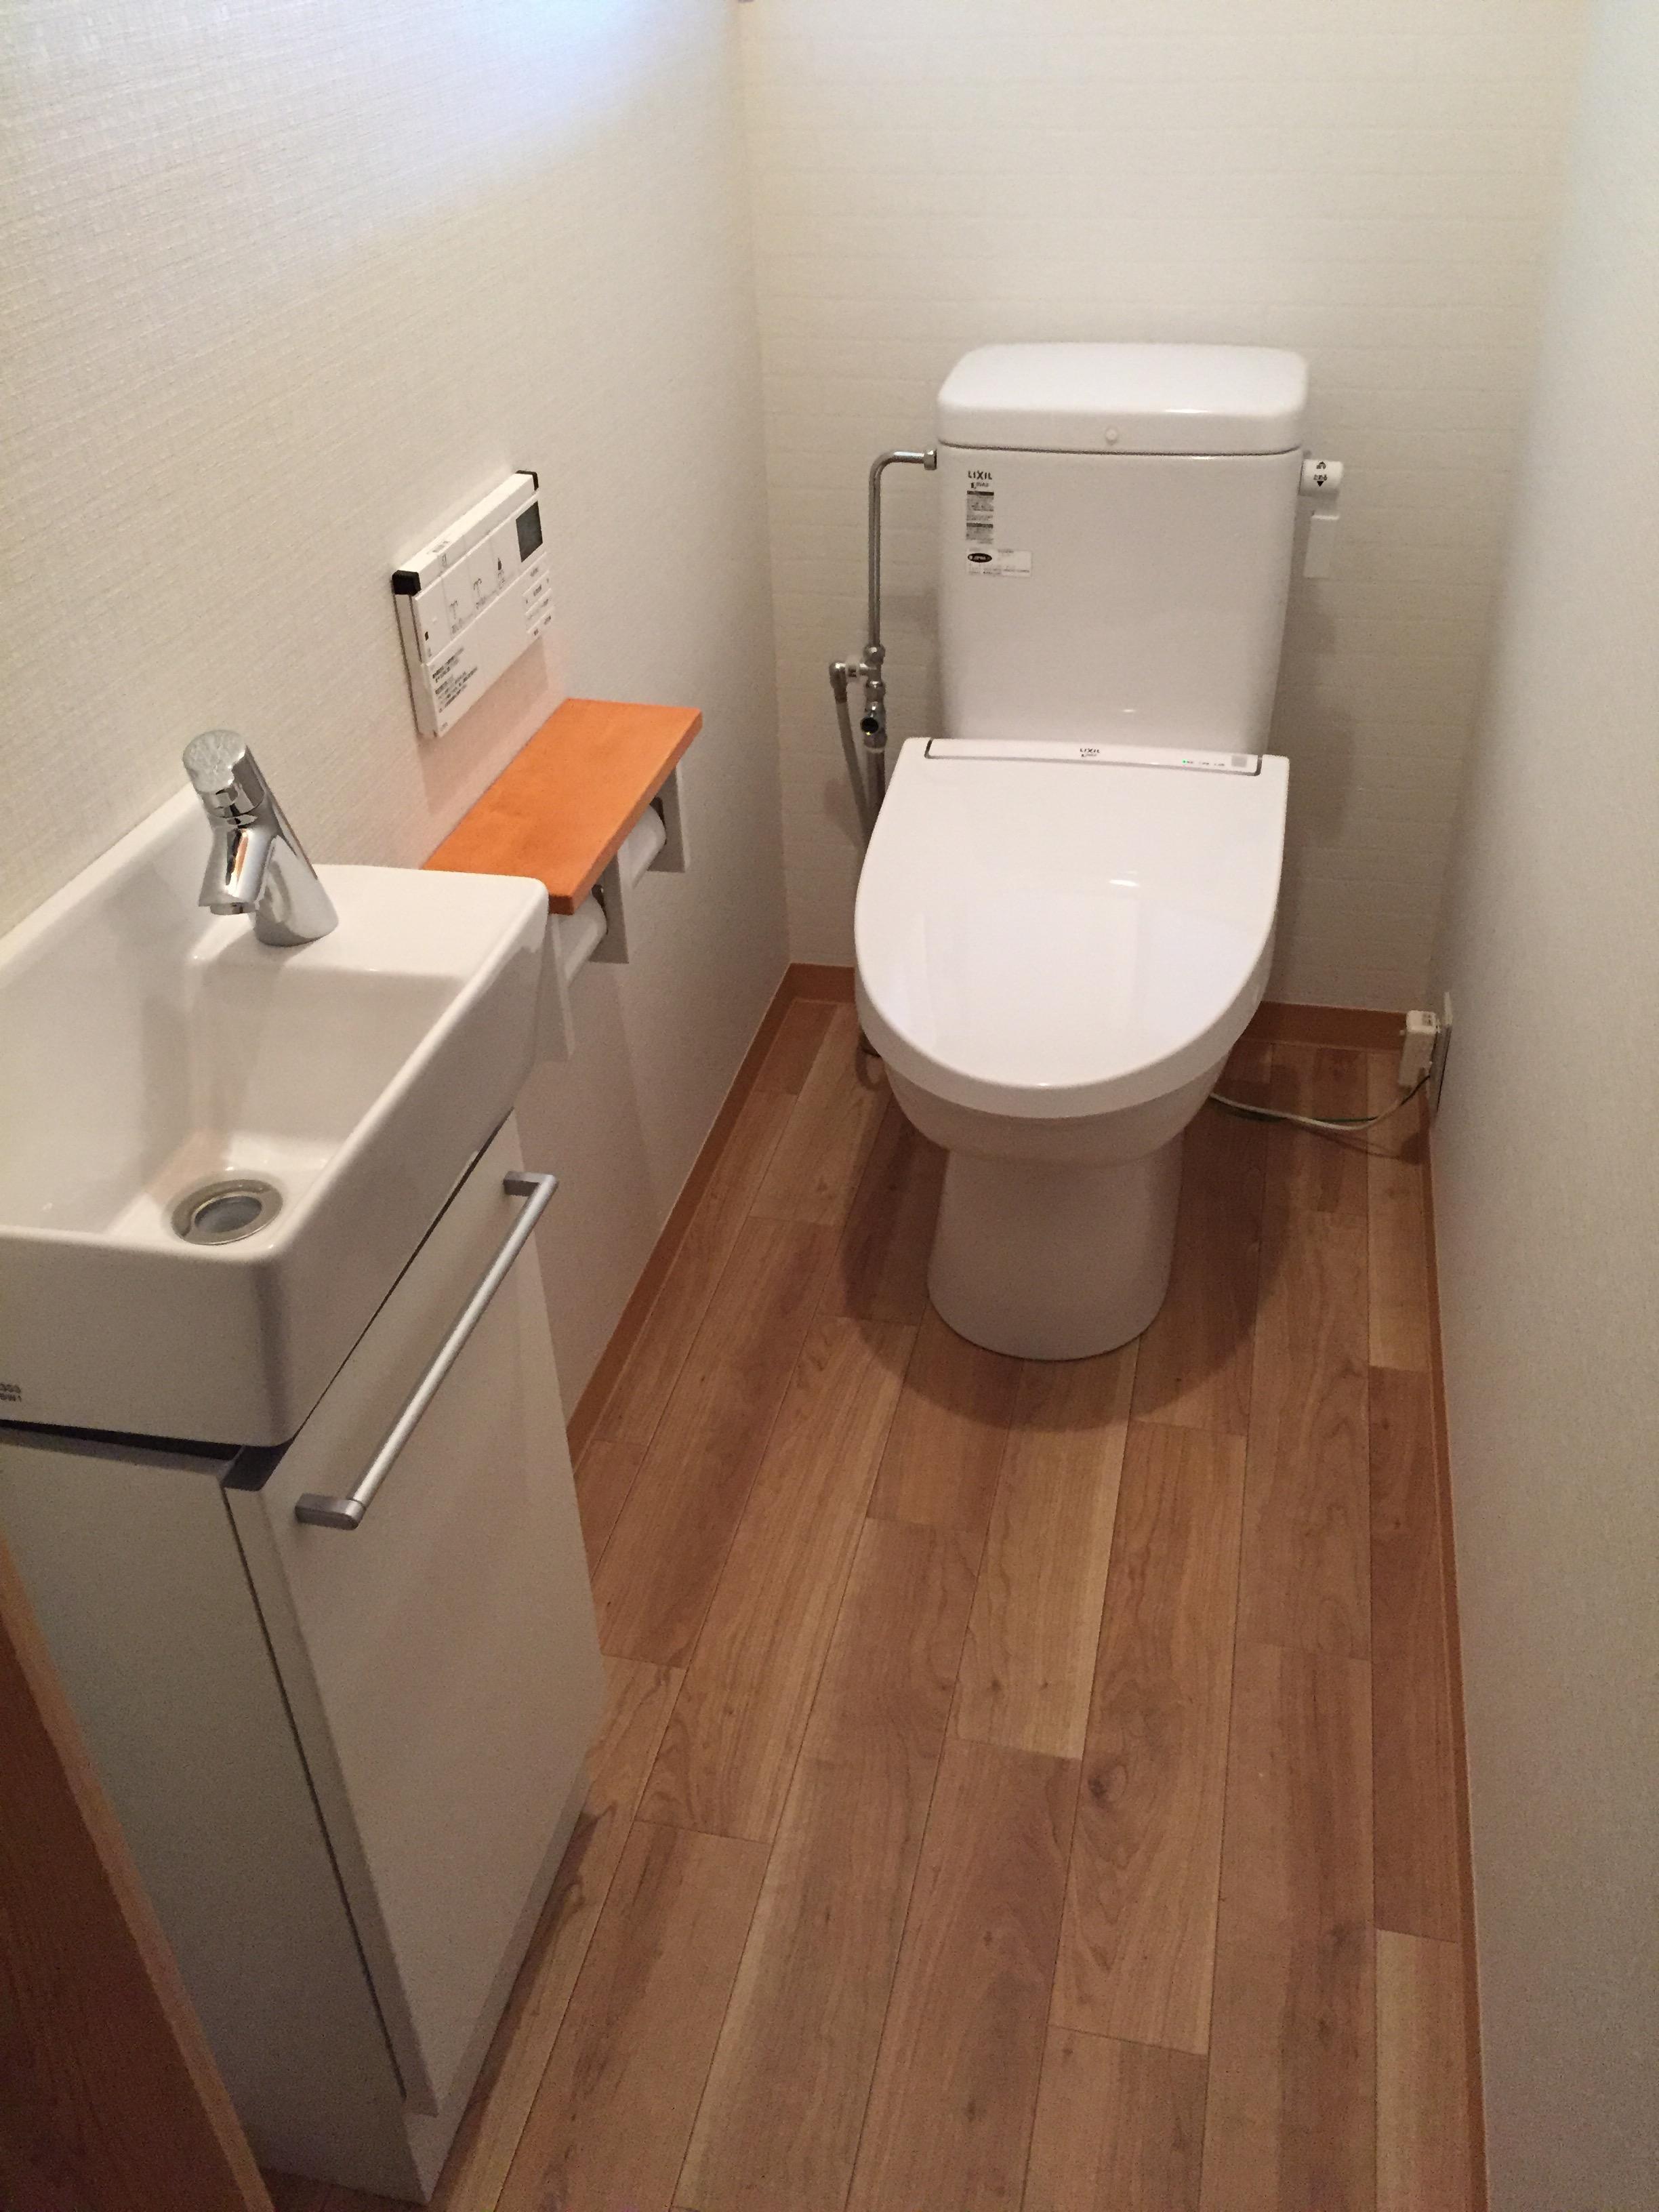 西条市 和式から簡易水栓トイレへリフォーム 施工後